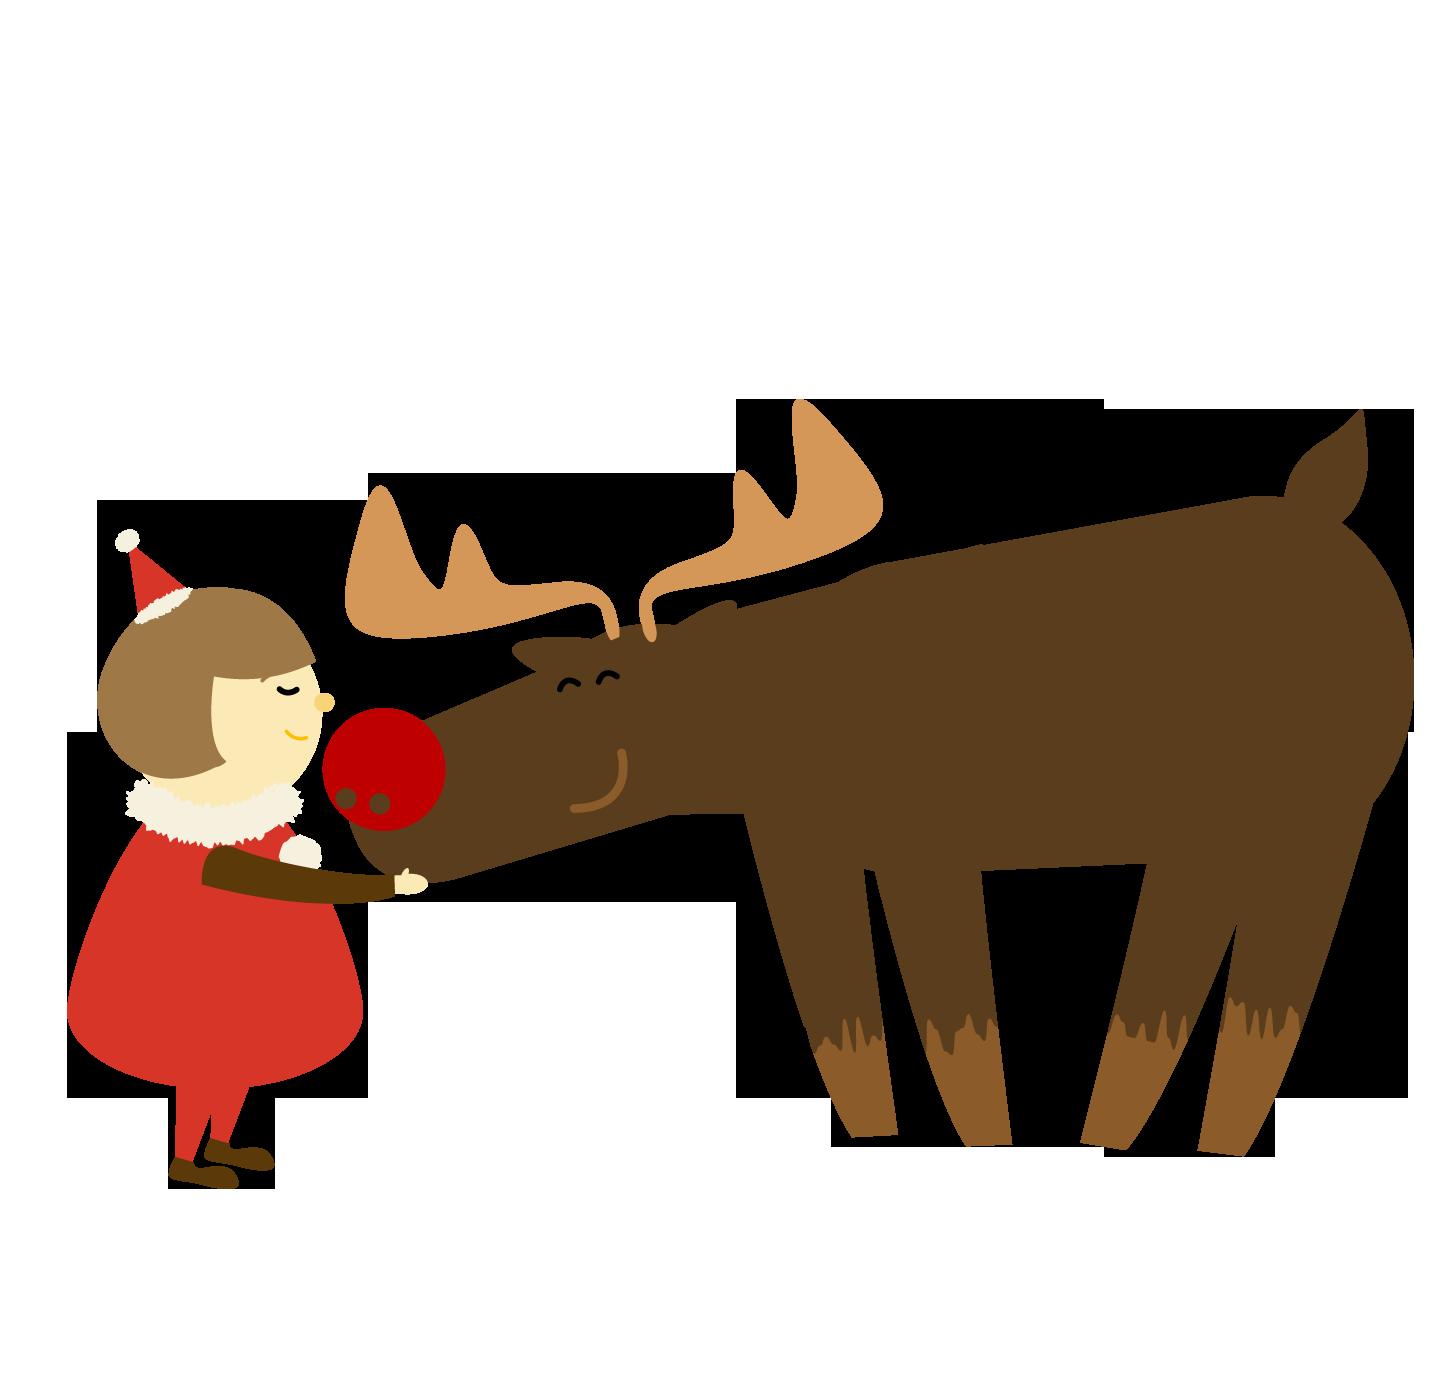 サンタと子供のイラスト | かわいいフリー素材が無料のイラストレイン